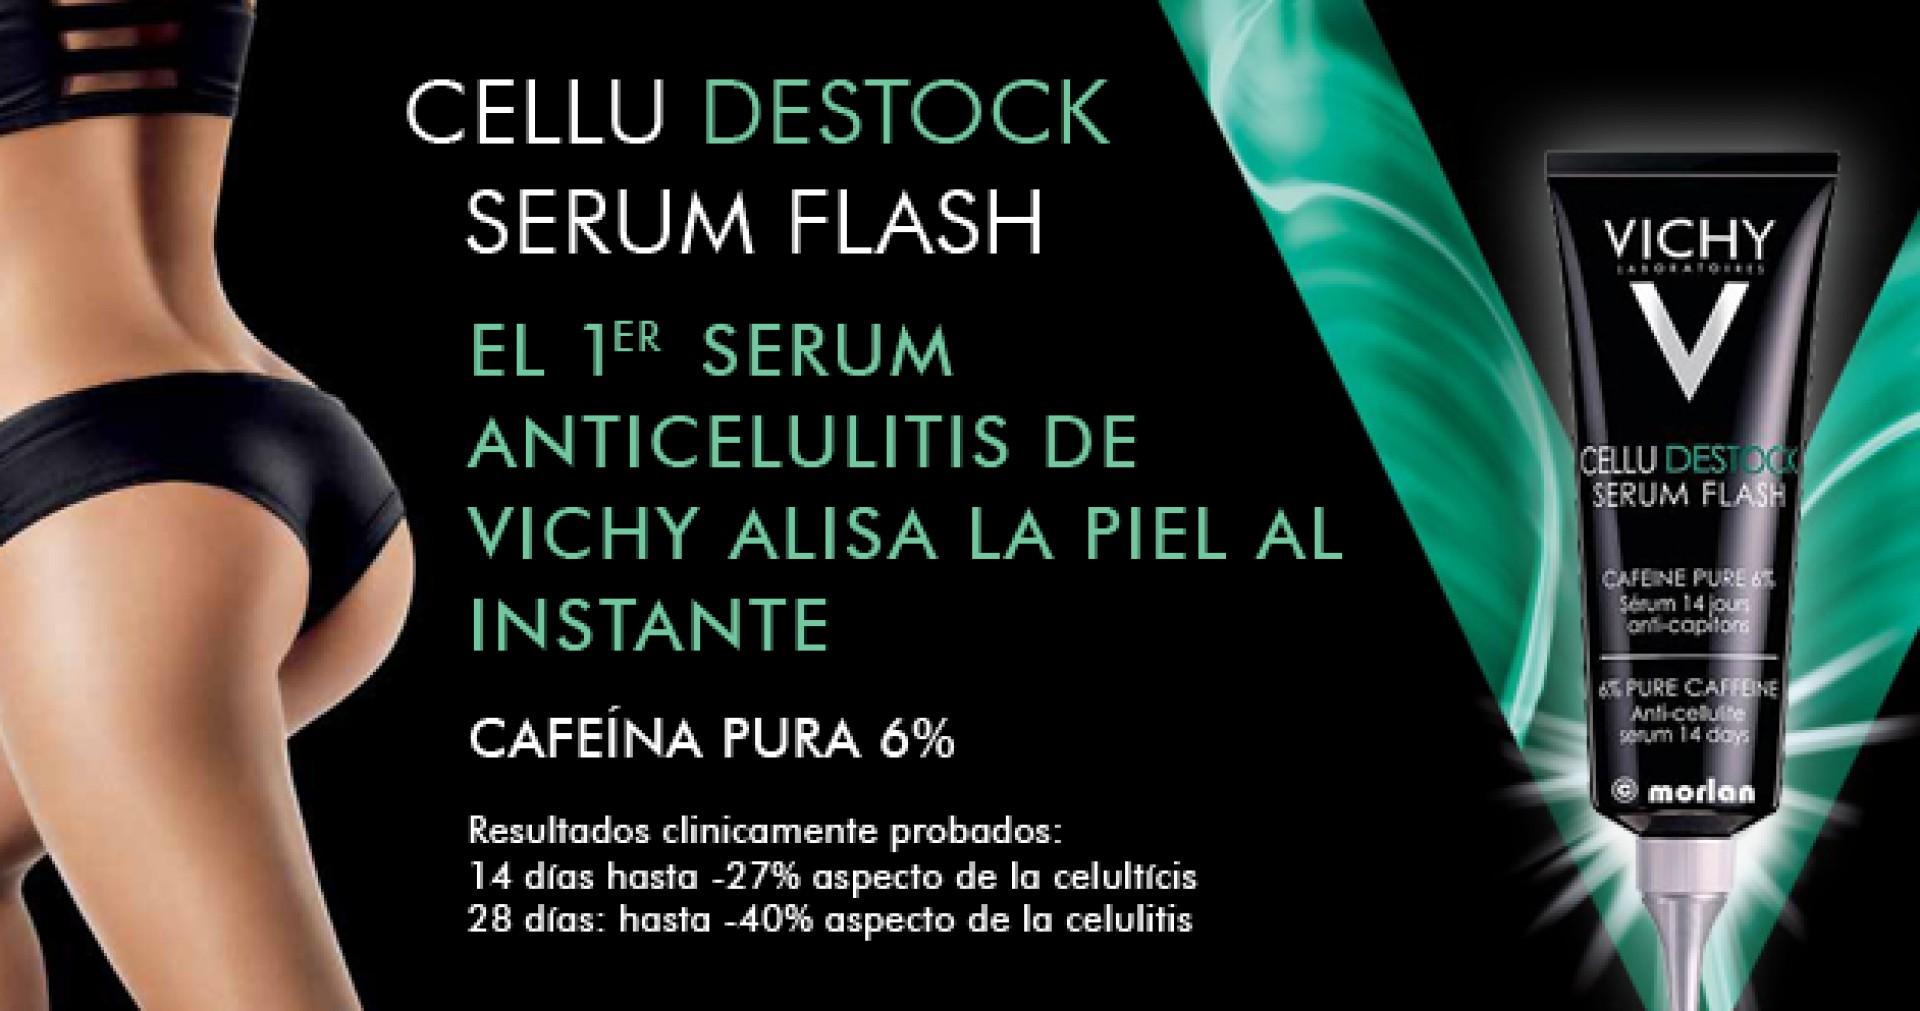 Cellu destock serum flash